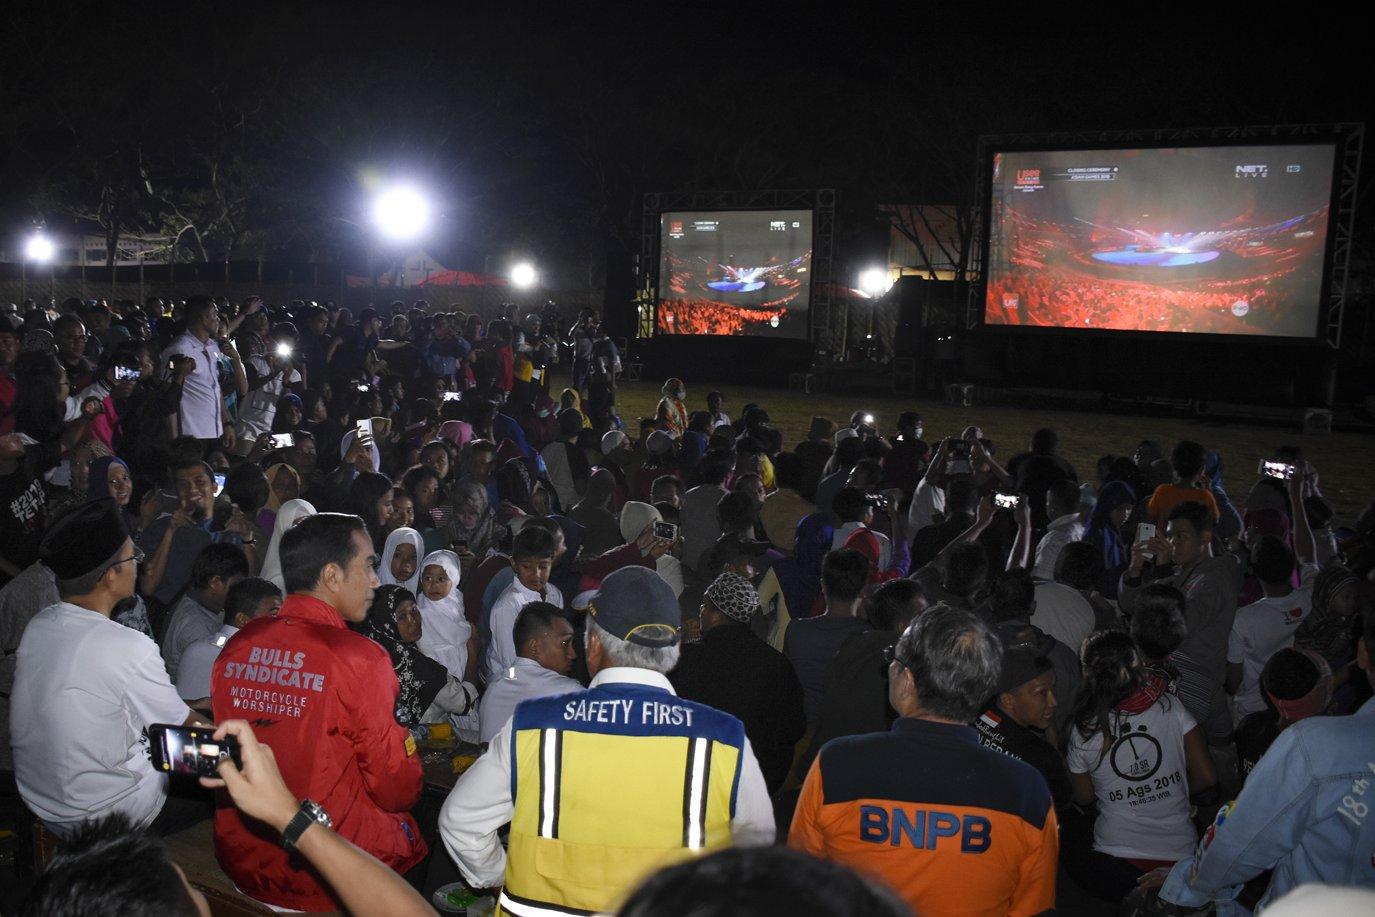 Presiden Joko Widodo (ketiga kiri) didampingi Gubernur NTB TGB Zainul Majdi (kedua kiri) bersama warga korban gempa nonton bareng upacara penutupan Asian Games 2018 di Lapangan Kecamatan Gunungsari, Lombok Barat, NTB, Minggu (2/9). Presiden Jokowi disela kunjungannya ke lokasi gempa menyempatkan diri untuk nonton bareng warga korban gempa upacara penutupan Asian Games 2018.